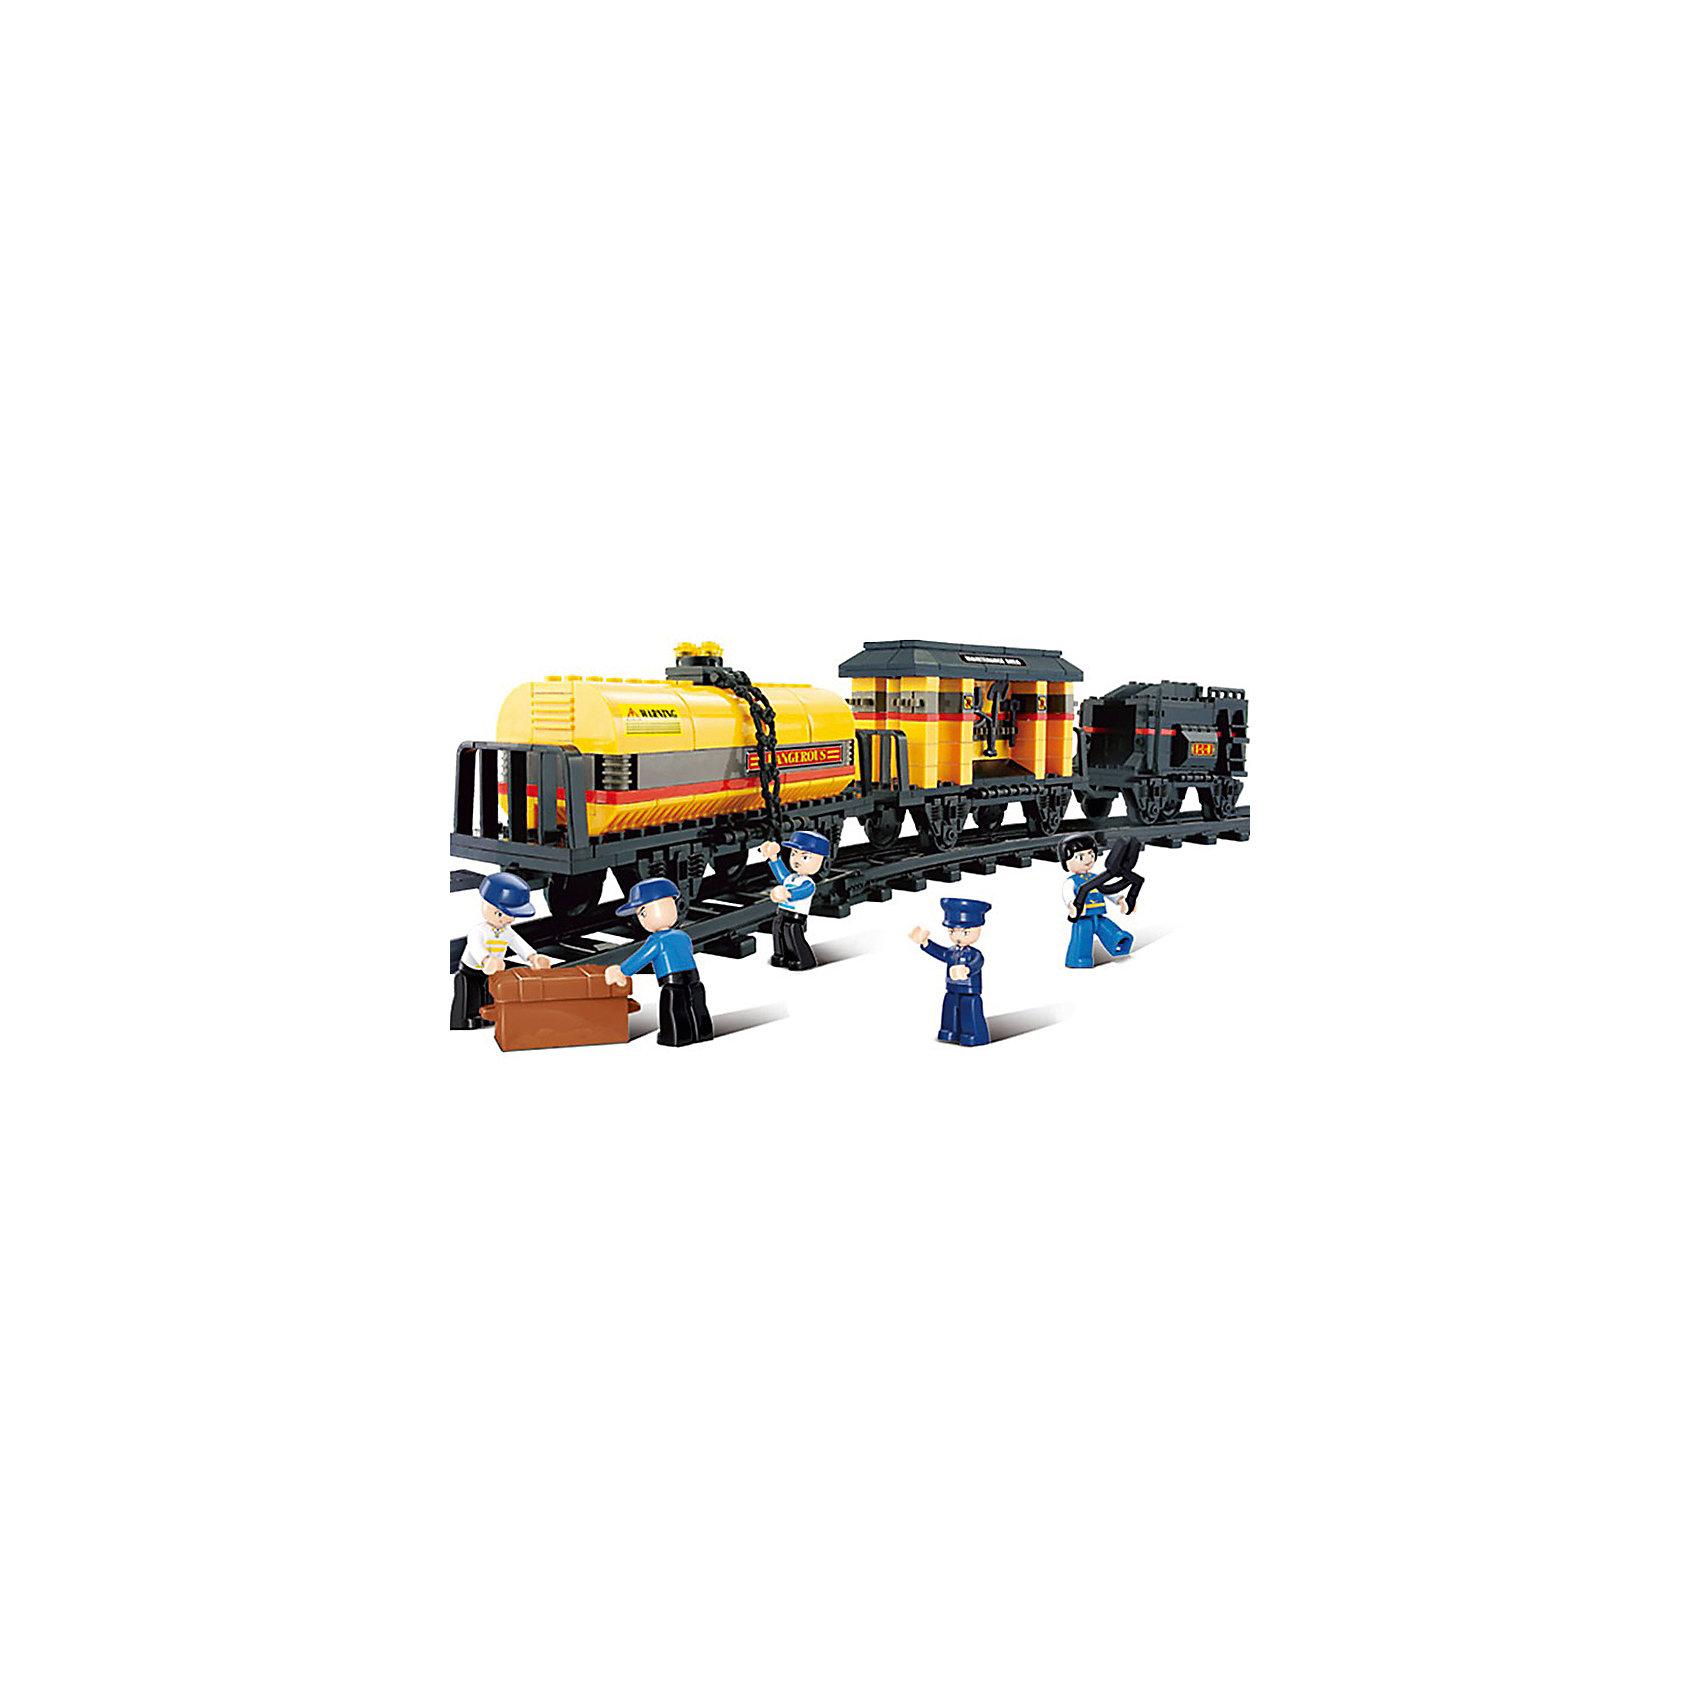 Конструктор Железнодорожный вокзал: Грузовой поезд, SlubanКонструкторы<br>В наборе: 3 вагона, рельсы, фигурки людей, 328 деталей<br><br>Ширина мм: 380<br>Глубина мм: 285<br>Высота мм: 60<br>Вес г: 910<br>Возраст от месяцев: 72<br>Возраст до месяцев: 1188<br>Пол: Мужской<br>Возраст: Детский<br>SKU: 5005644